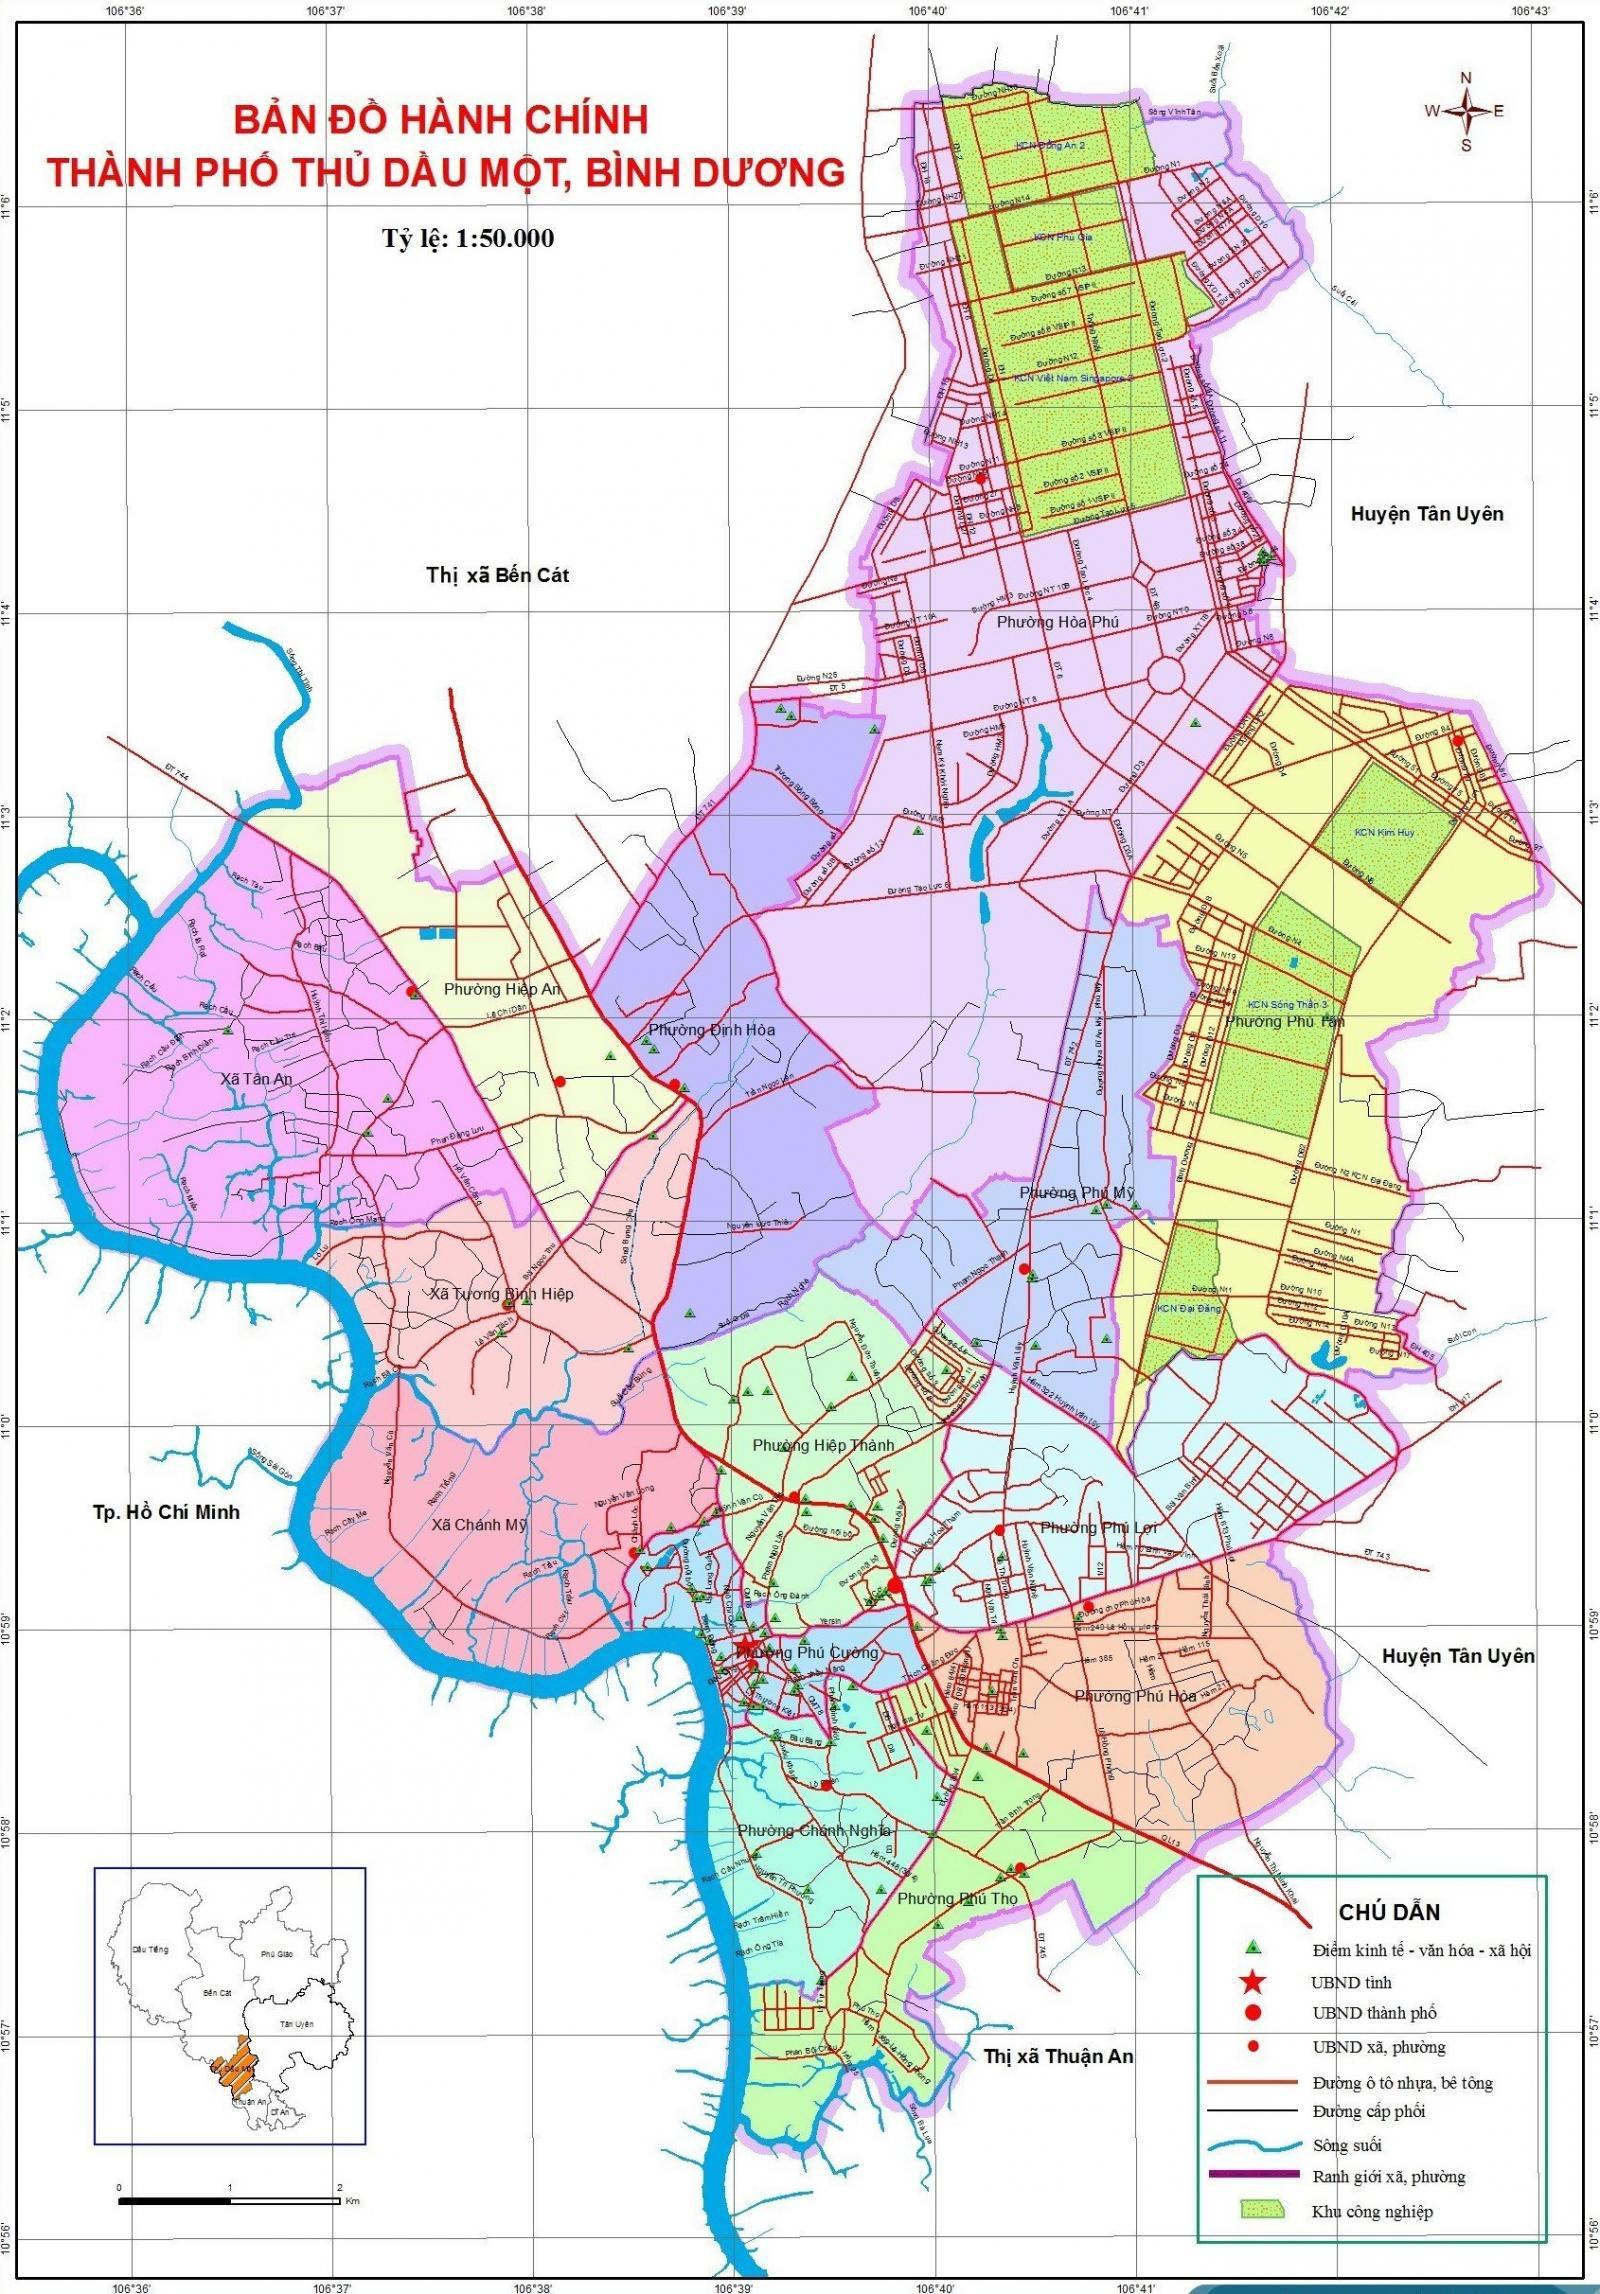 Bản đồ hành chính thành phố Thủ Dầu Một hiện nay